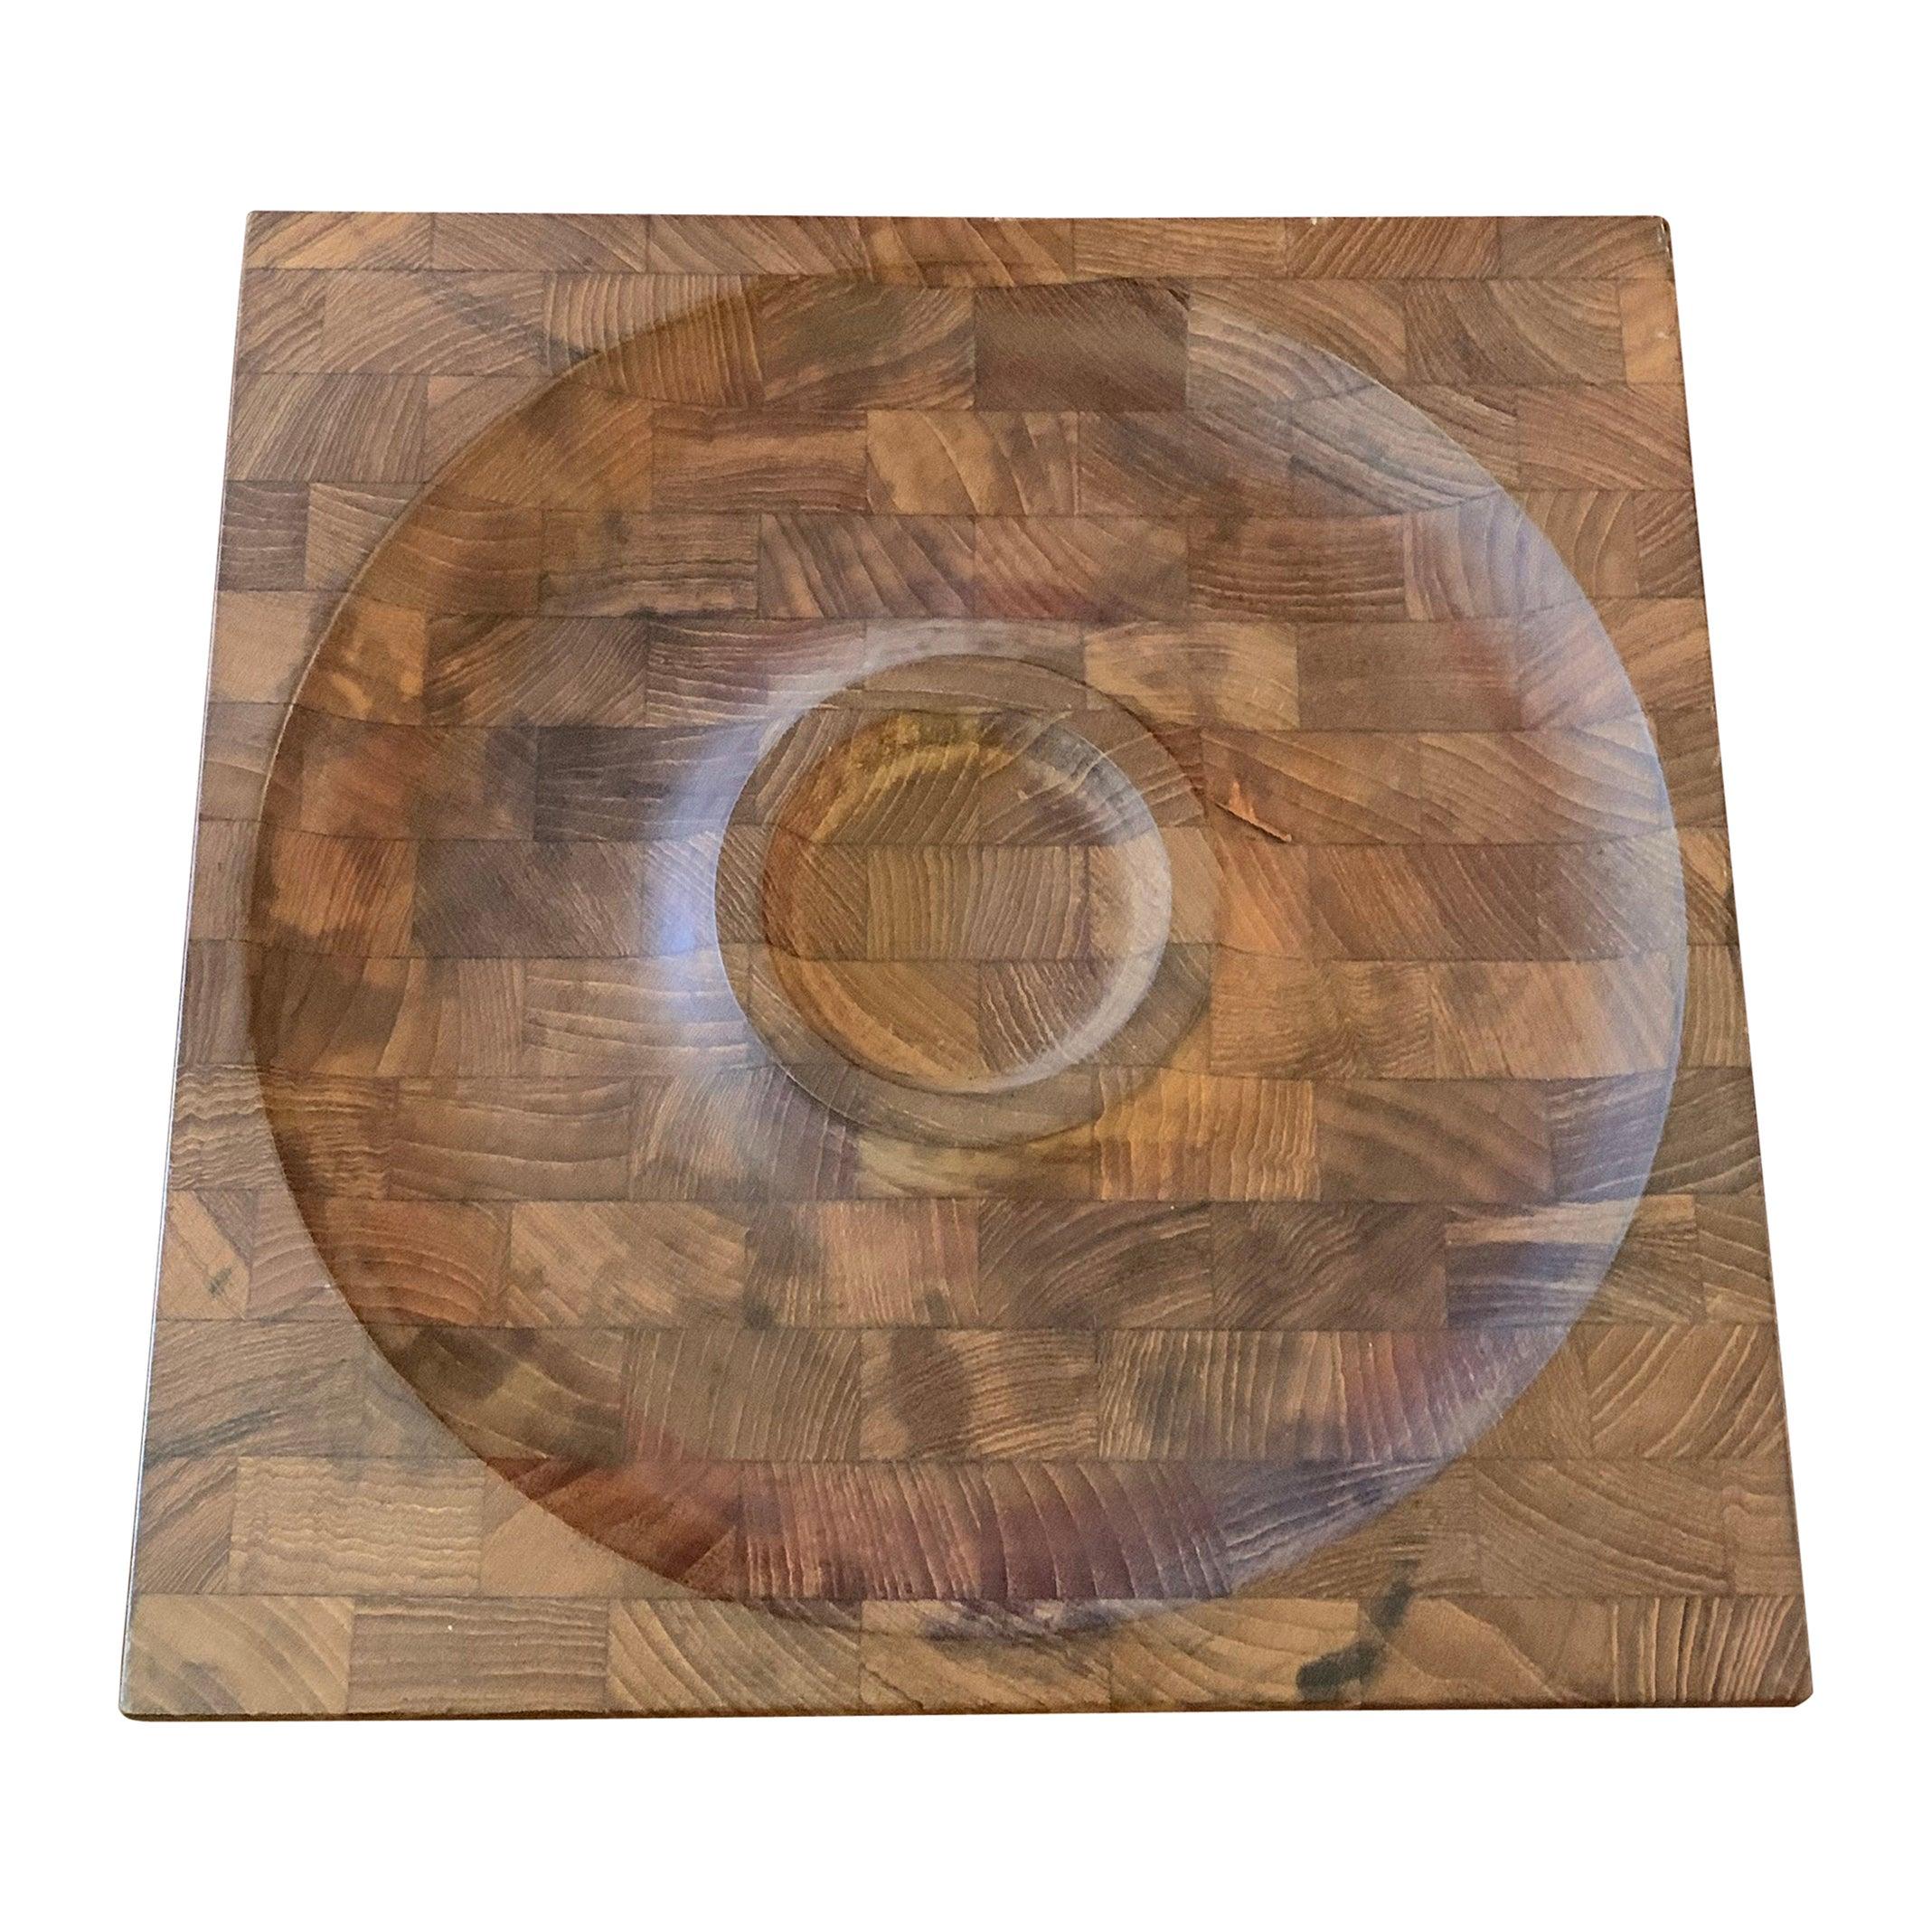 Scandinavian Modern Teak Serving Board Platter by Jens Quistgaard, Dansk